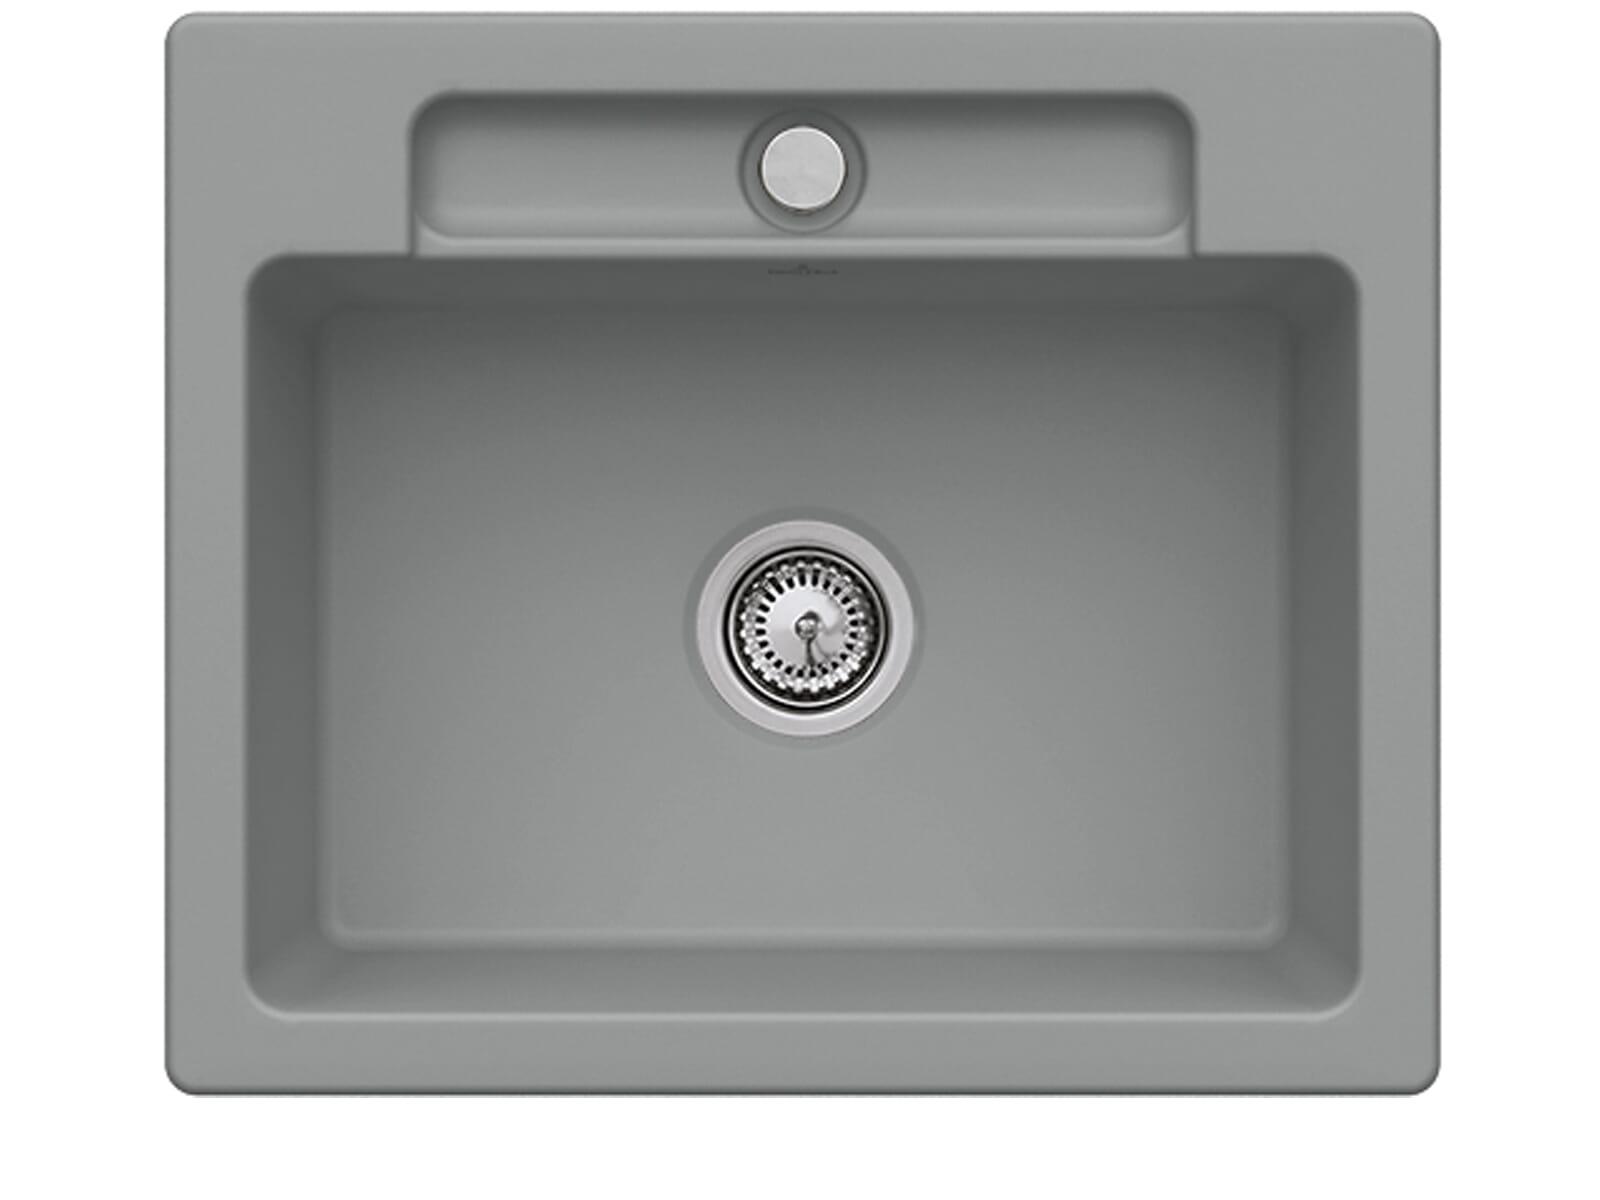 Villeroy & Boch Siluet 60 S Stone – 3346 01 SL Keramikspüle Handbetätigung